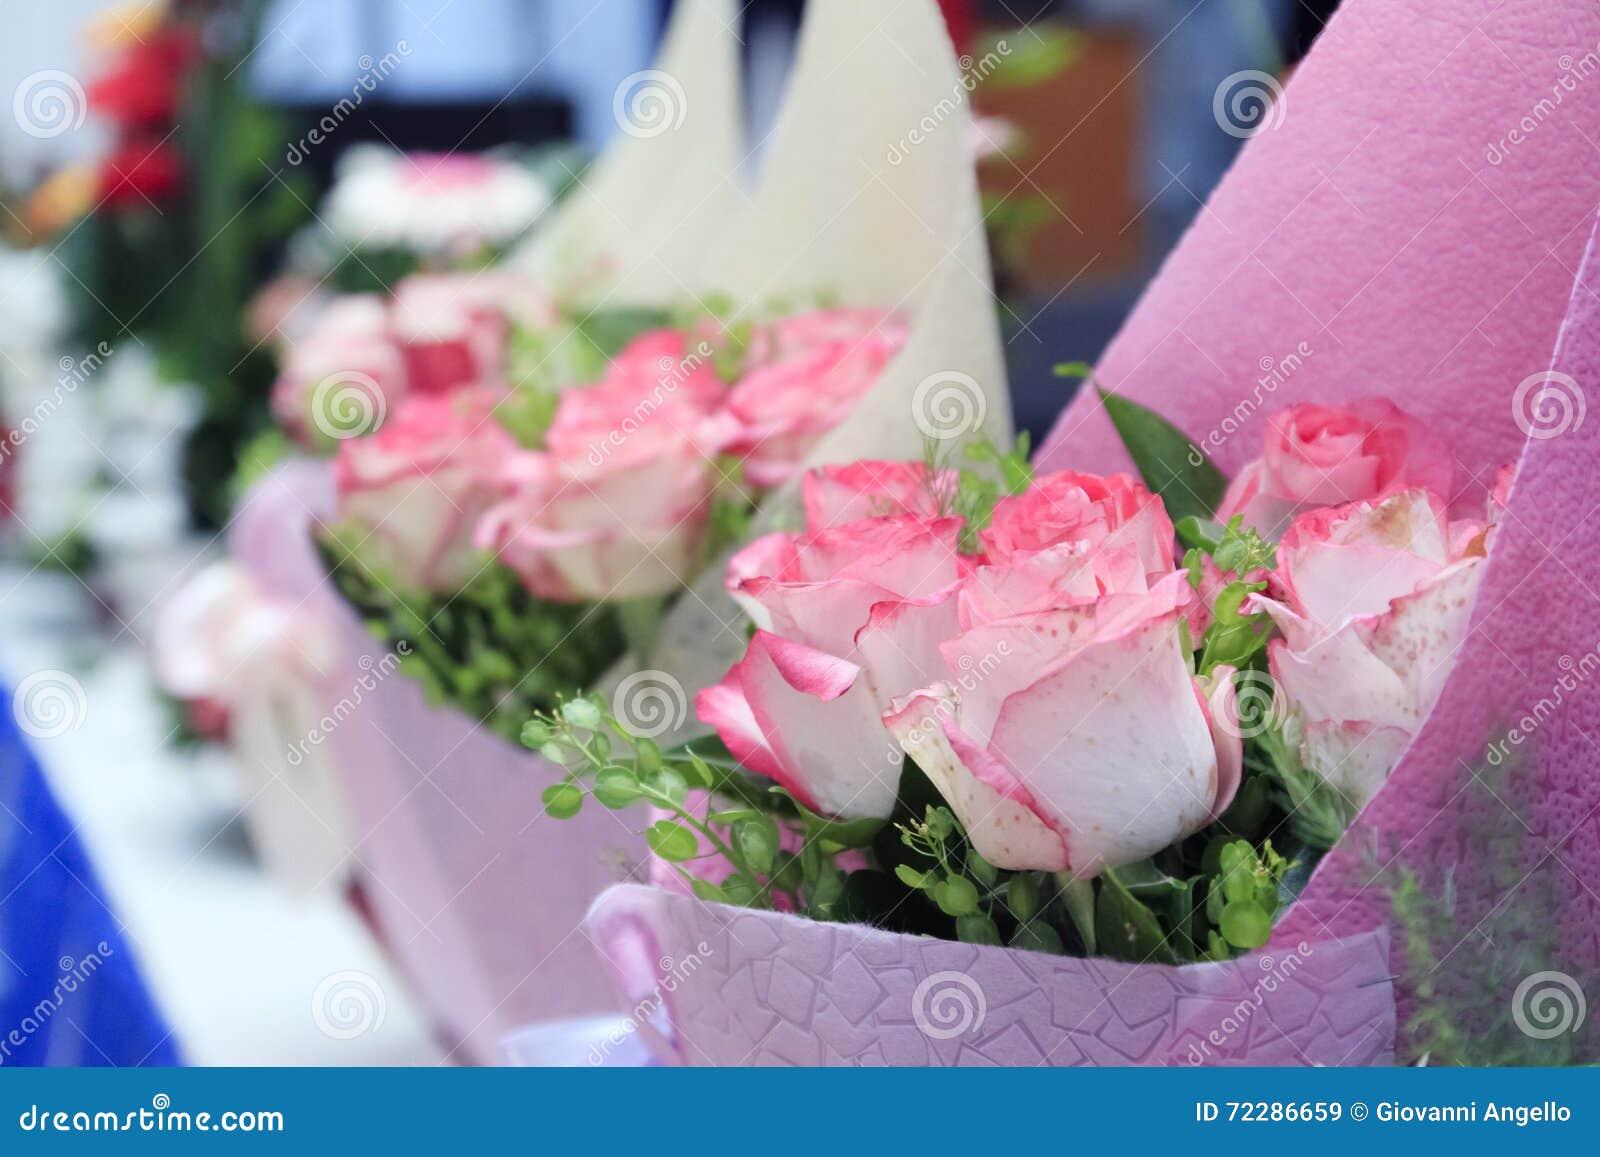 Download Розовая предпосылка букетов роз Стоковое Изображение - изображение насчитывающей флора, современно: 72286659